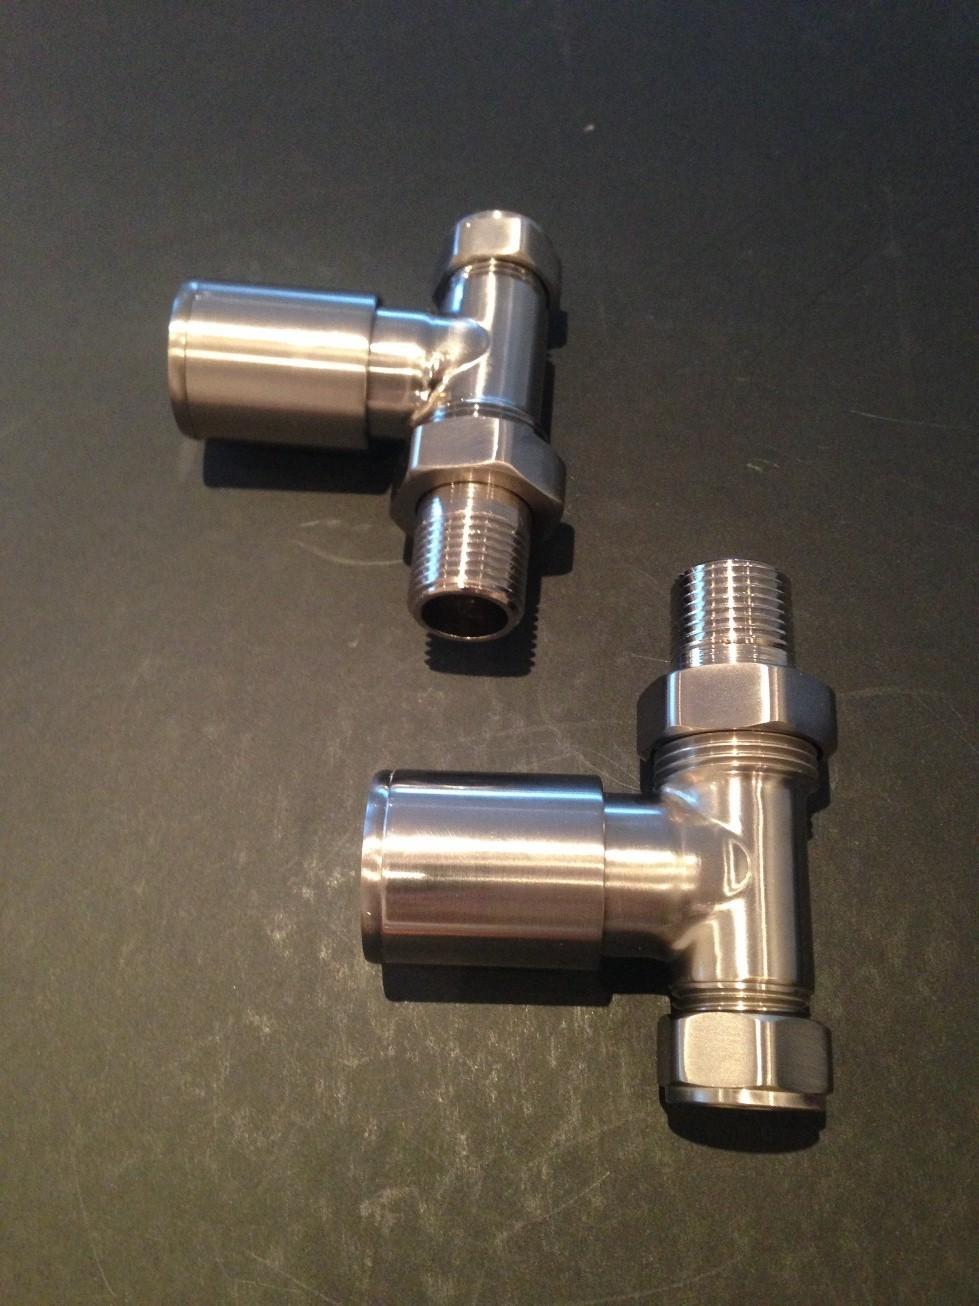 radiatorkraanset aansluitset Prolix recht mat.